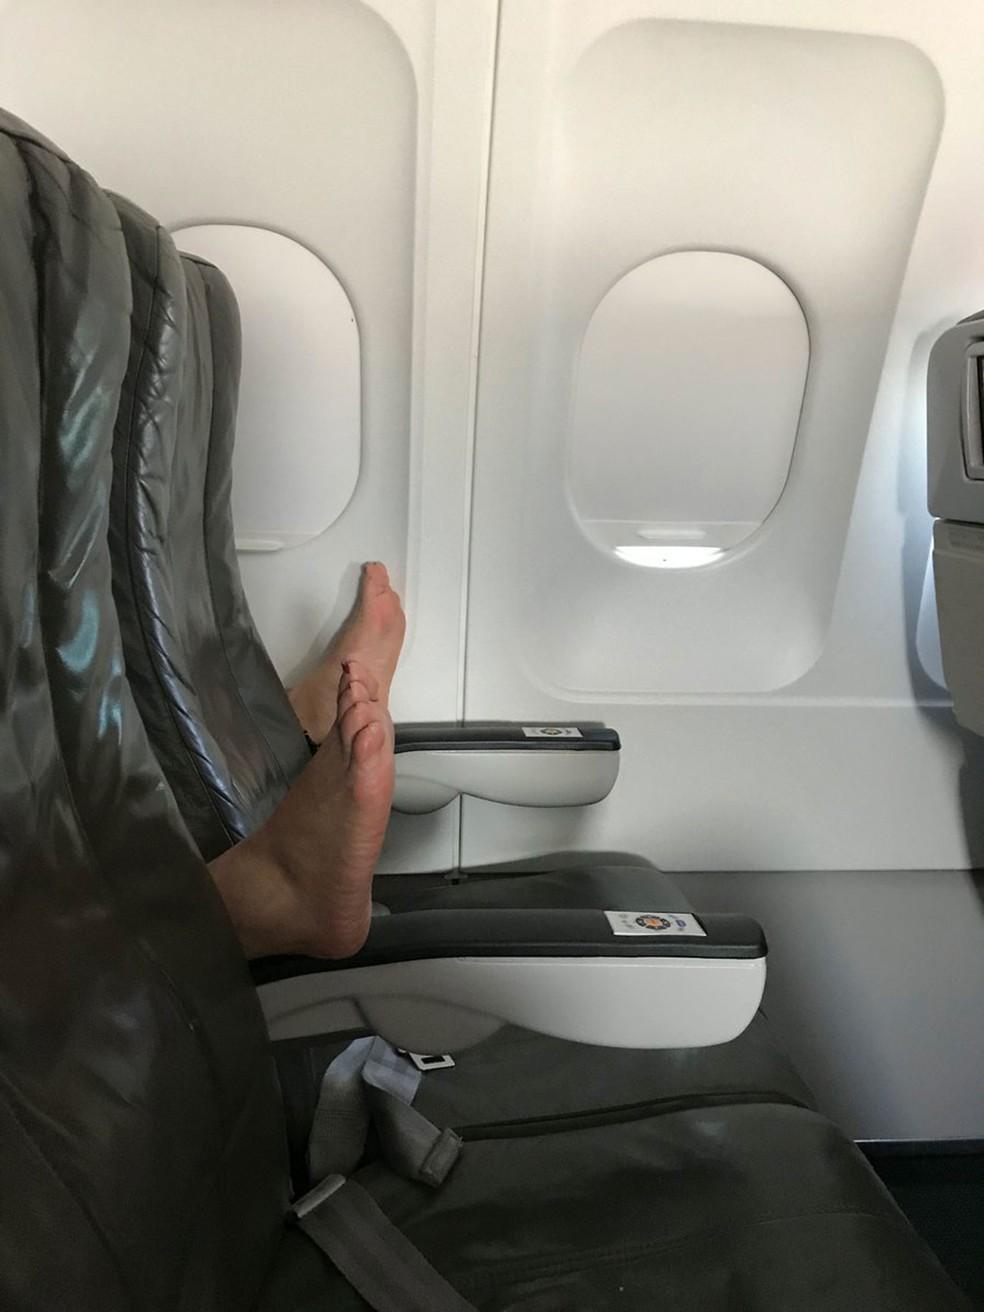 Pés descalços de passageira transformam viagem aérea de americana em 'pesadelo' (Foto: Jessie Char/Twitter)